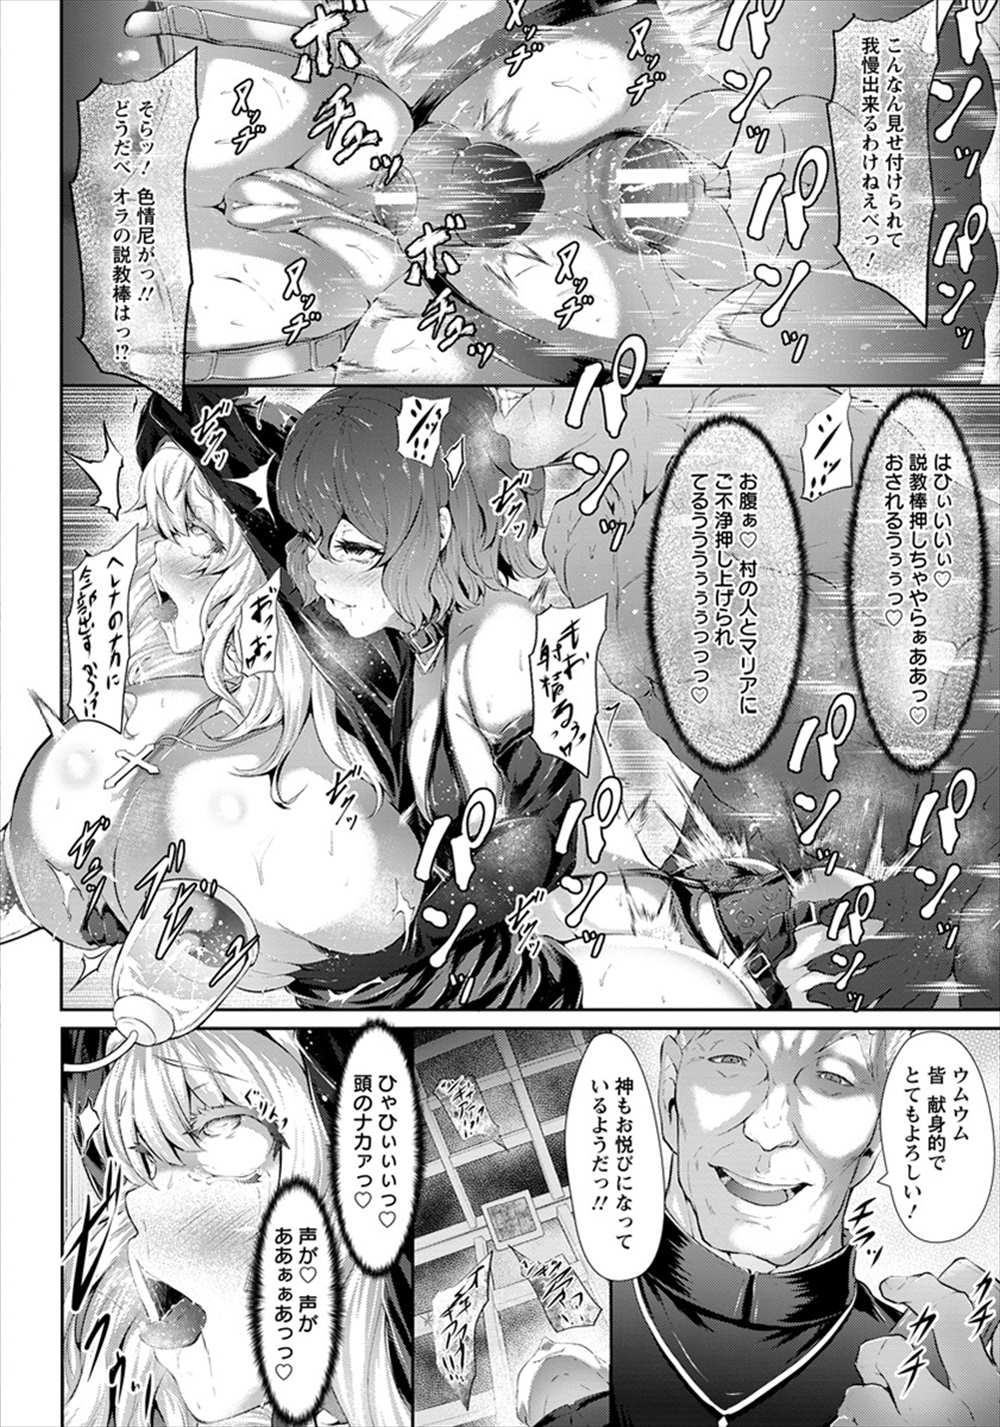 【エロ漫画】シスターは地下で家畜として調教される…母乳搾取されながらペニバンファックサンドwww【Liruca:背教ノ宴】